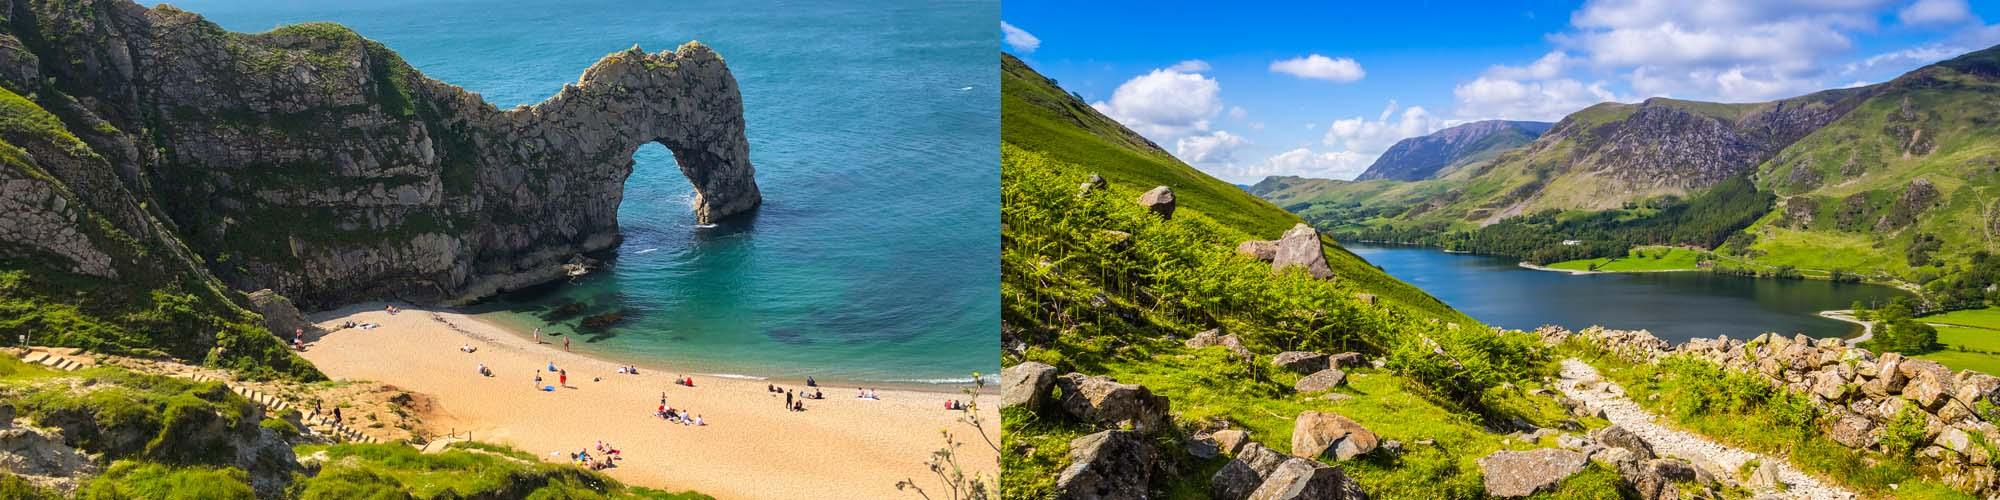 16 Day England's Cornwall, Dorset & Coast to Coast